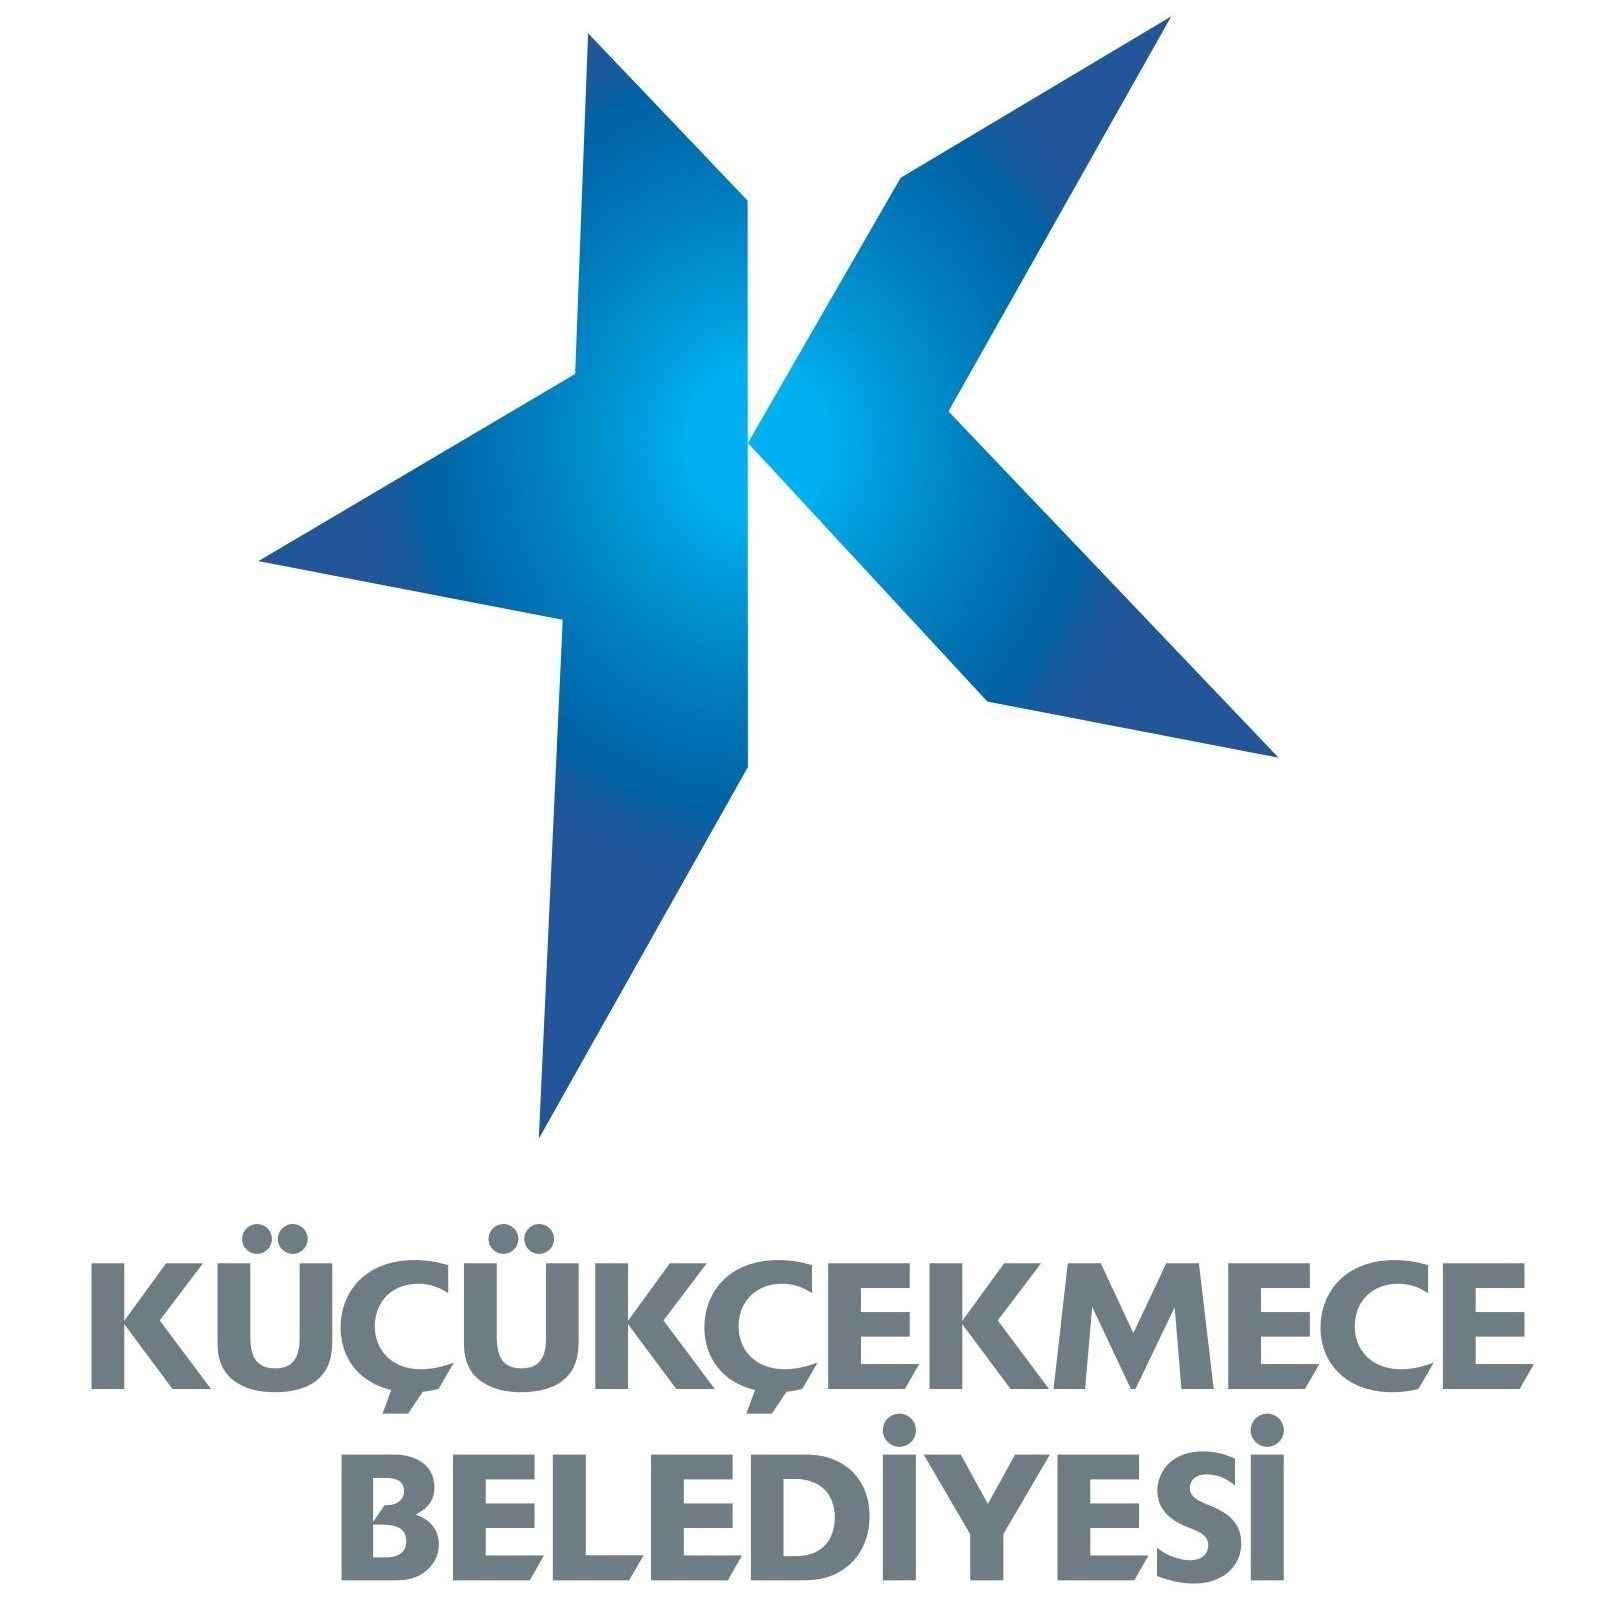 kucukcekmece-belediyesi-logo